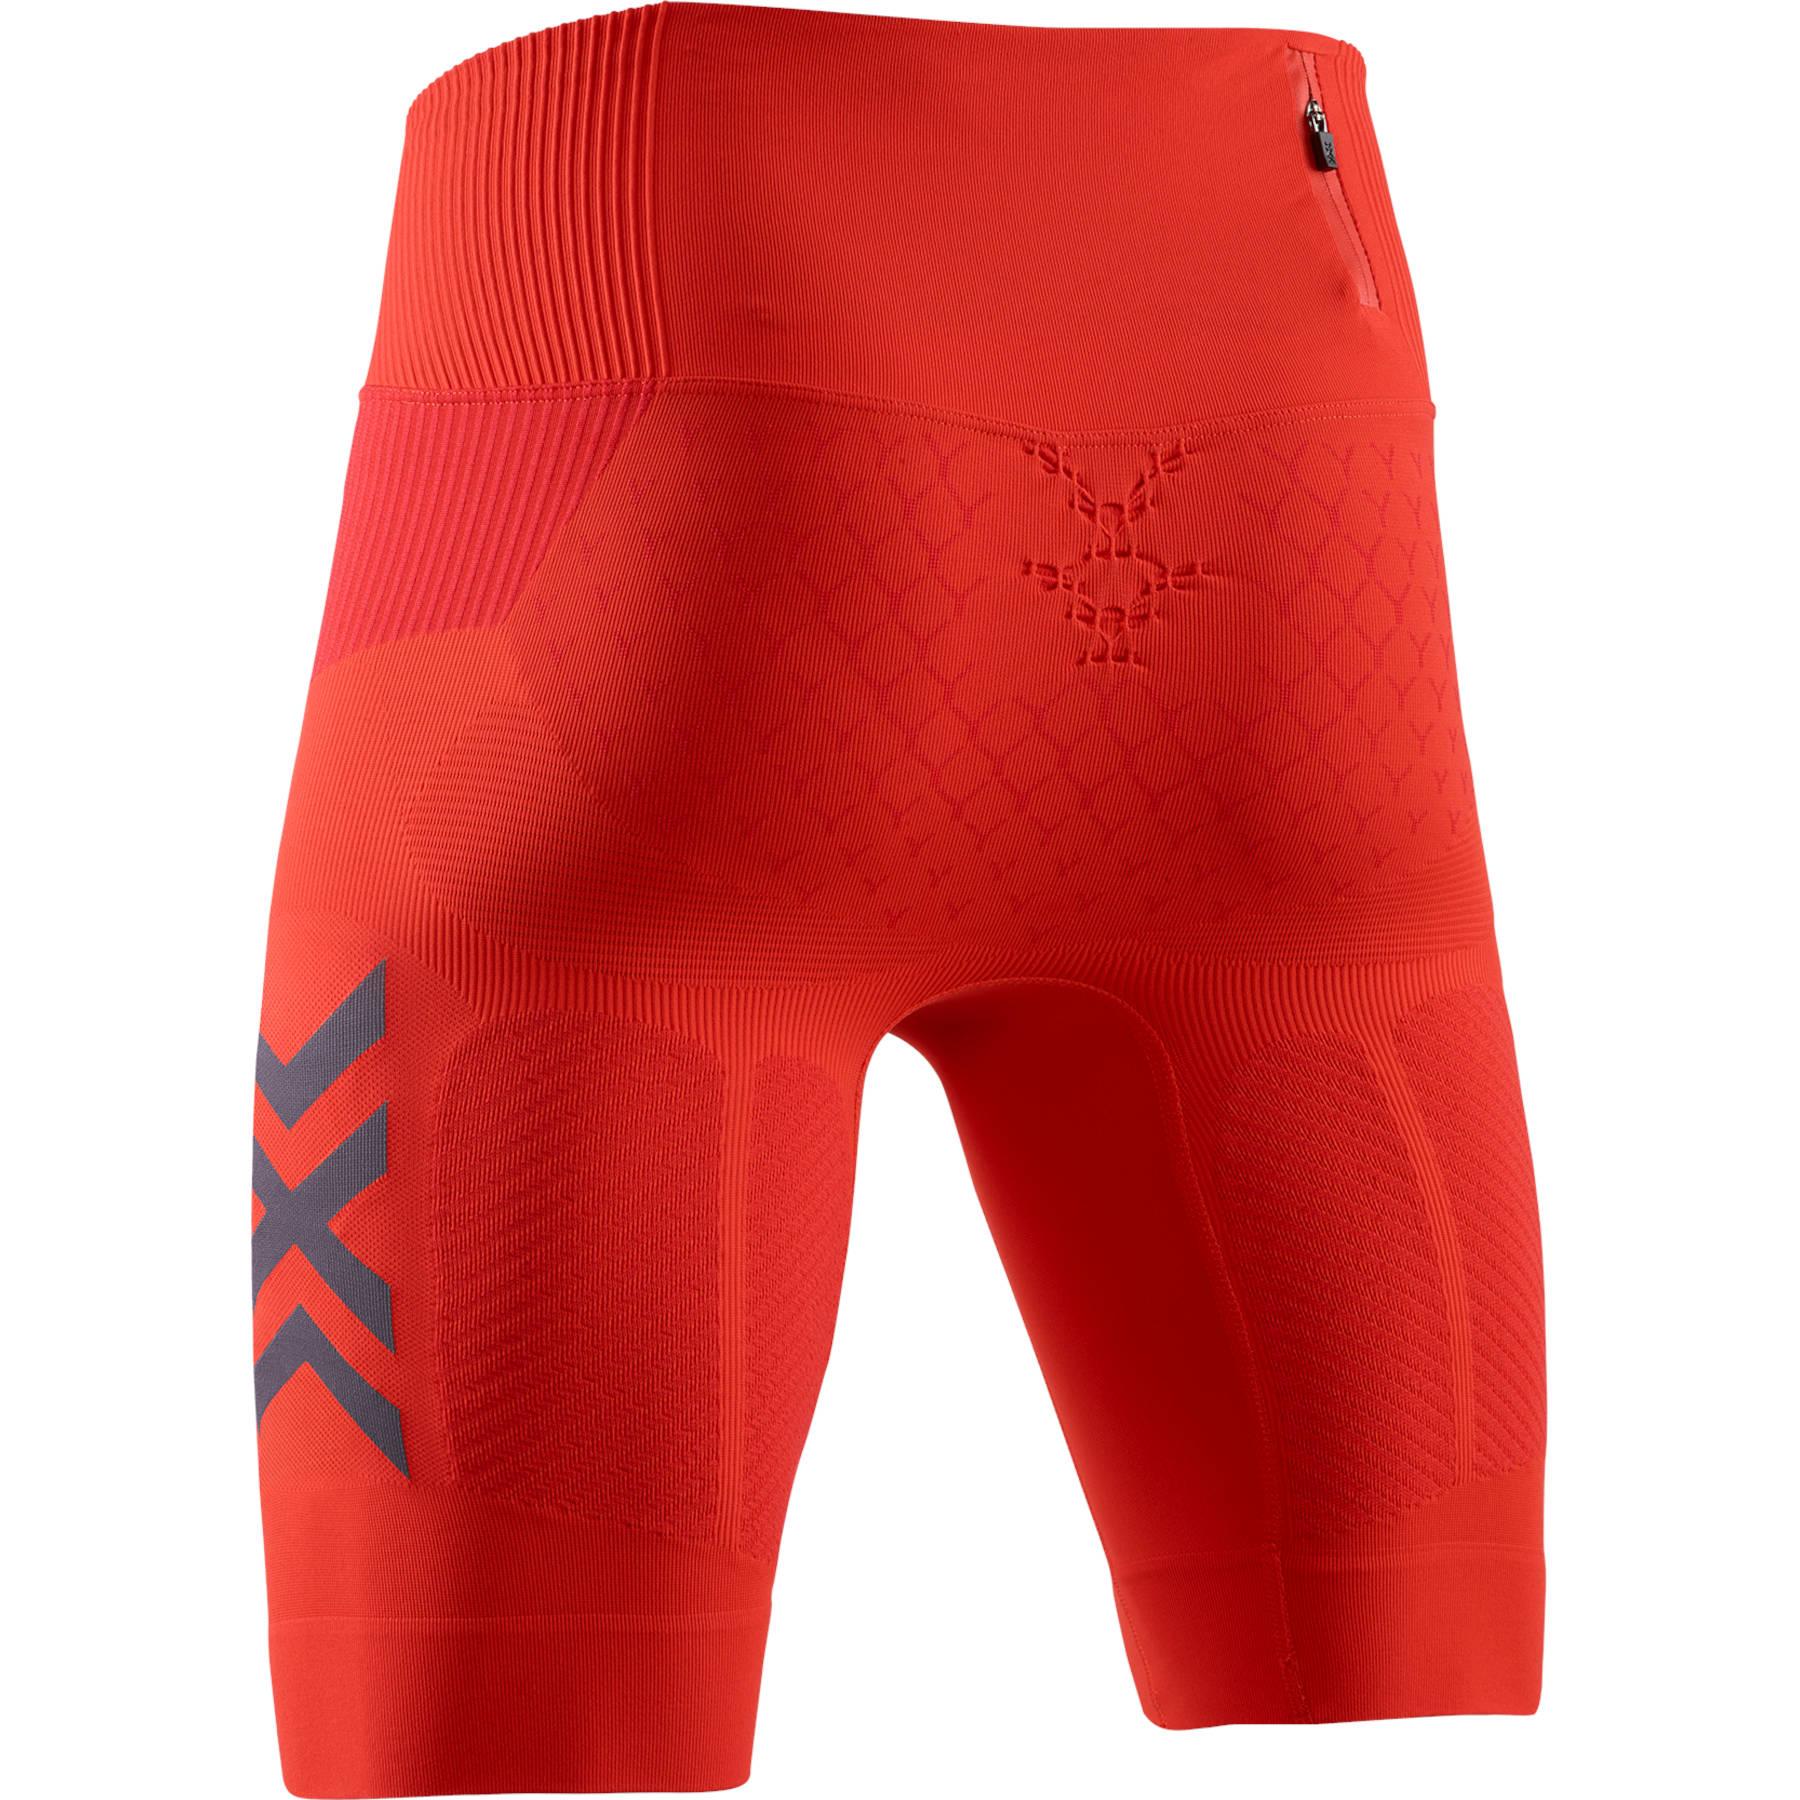 Bild von X-Bionic TWYCE 4.0 Run Shorts Laufhose für Herren - sunset orange/teal blue